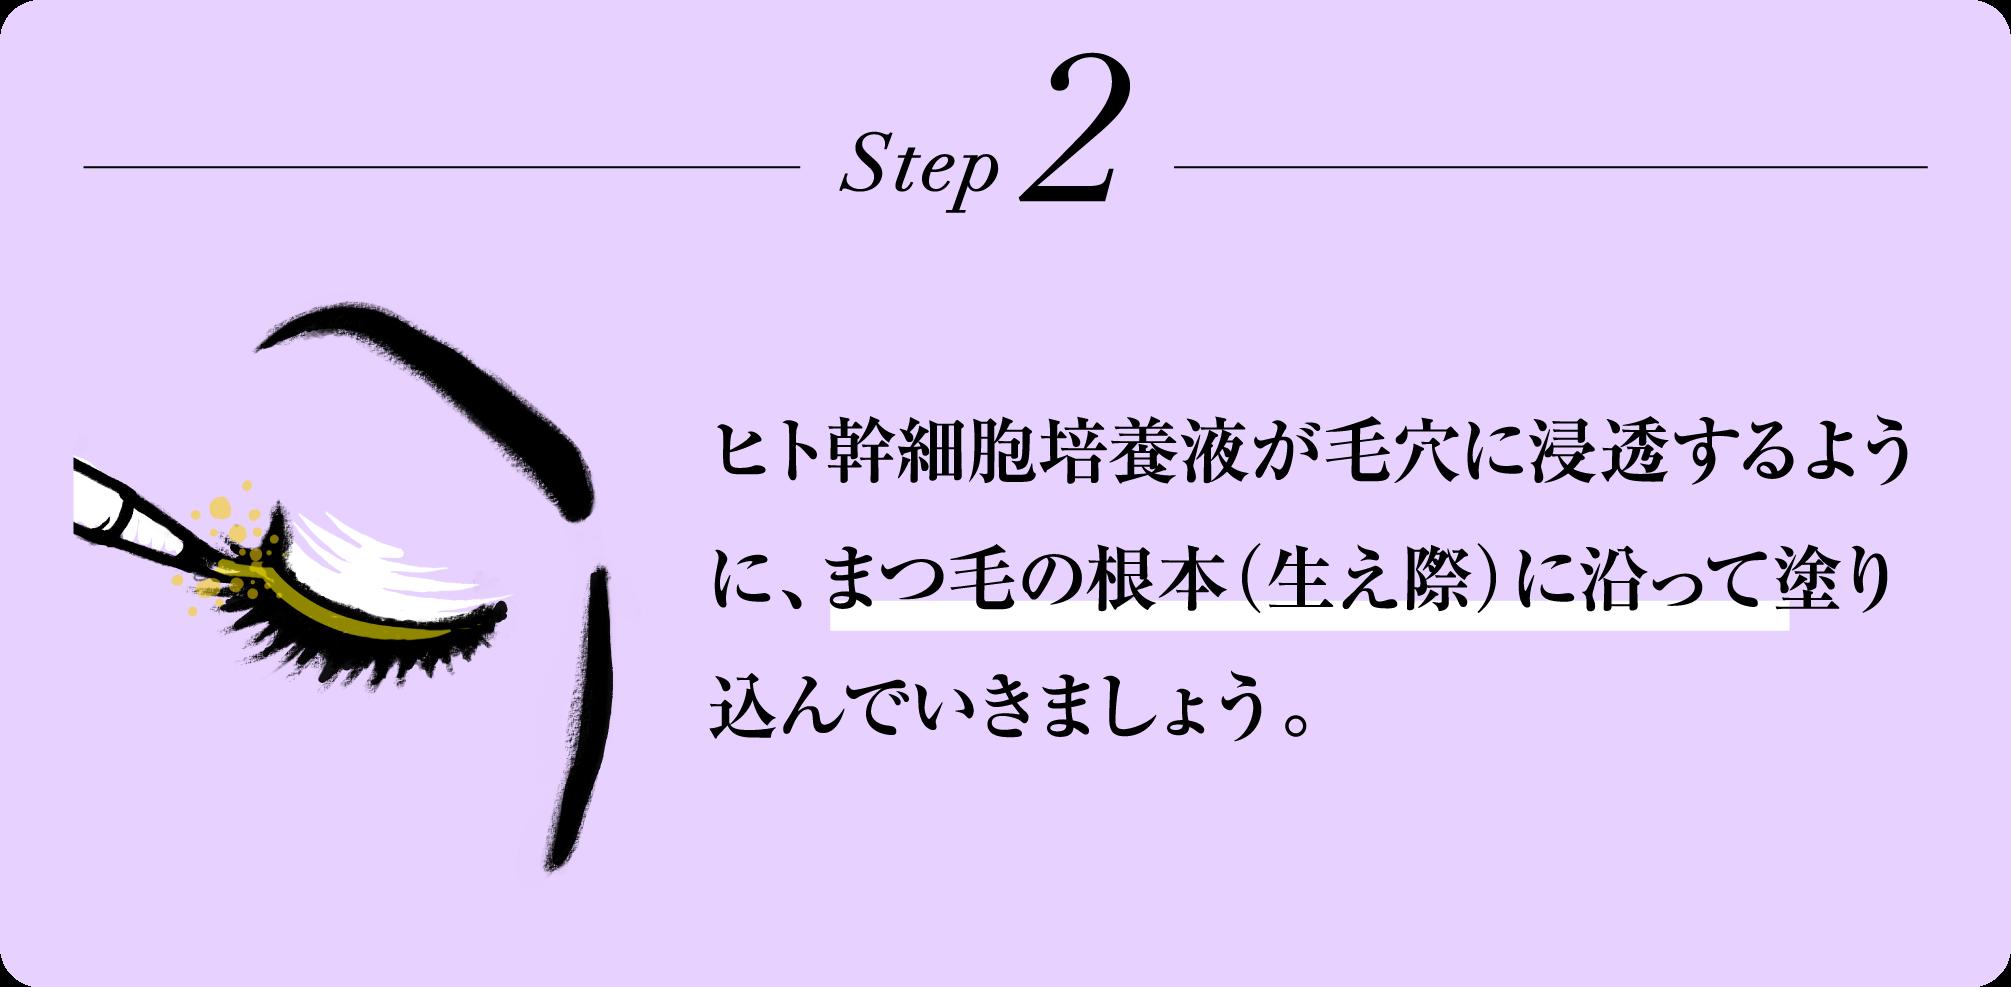 Step2 ヒト幹細胞培養液が毛穴に浸透するように、まつ毛の根本(生え際)に沿って塗り込んでいきましょう。